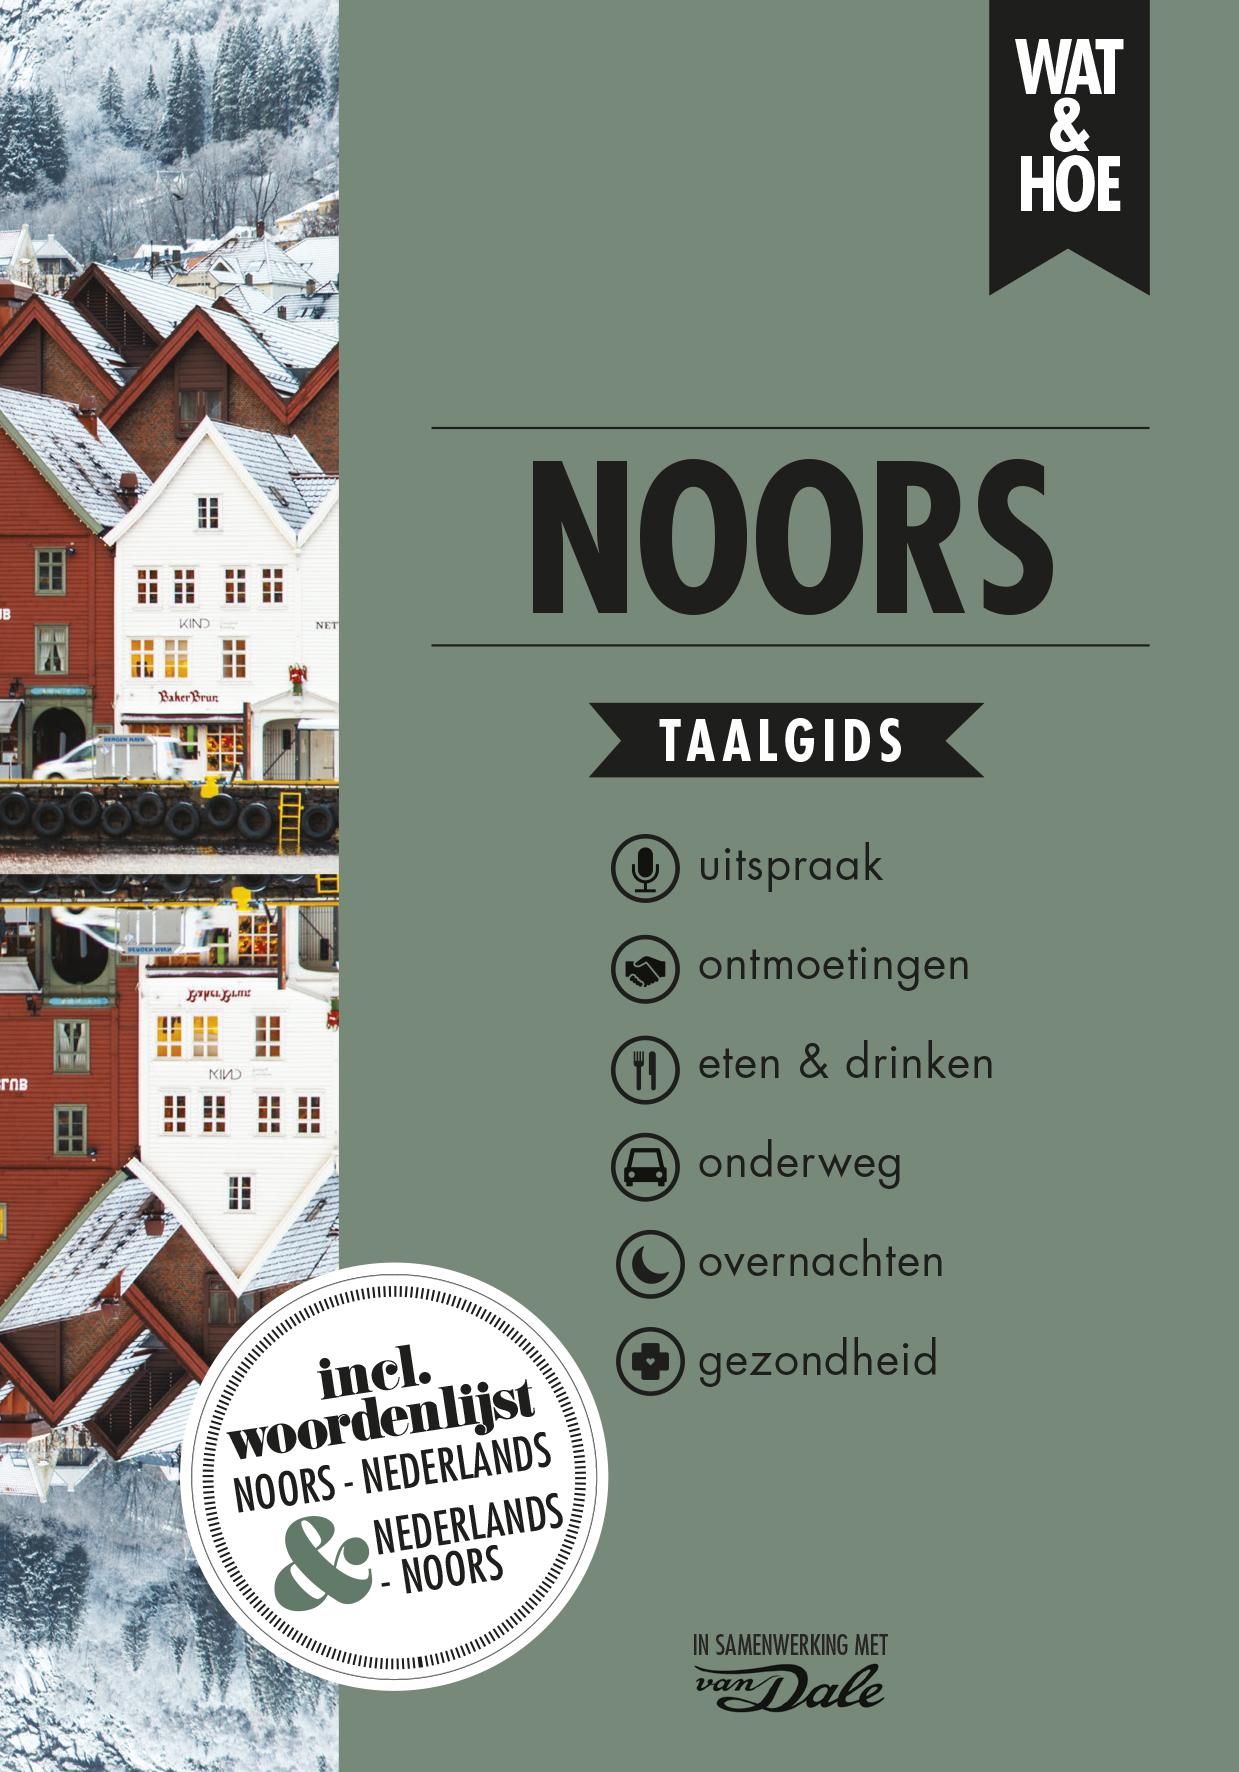 Woordenboek Wat & Hoe taalgids Noors | Kosmos